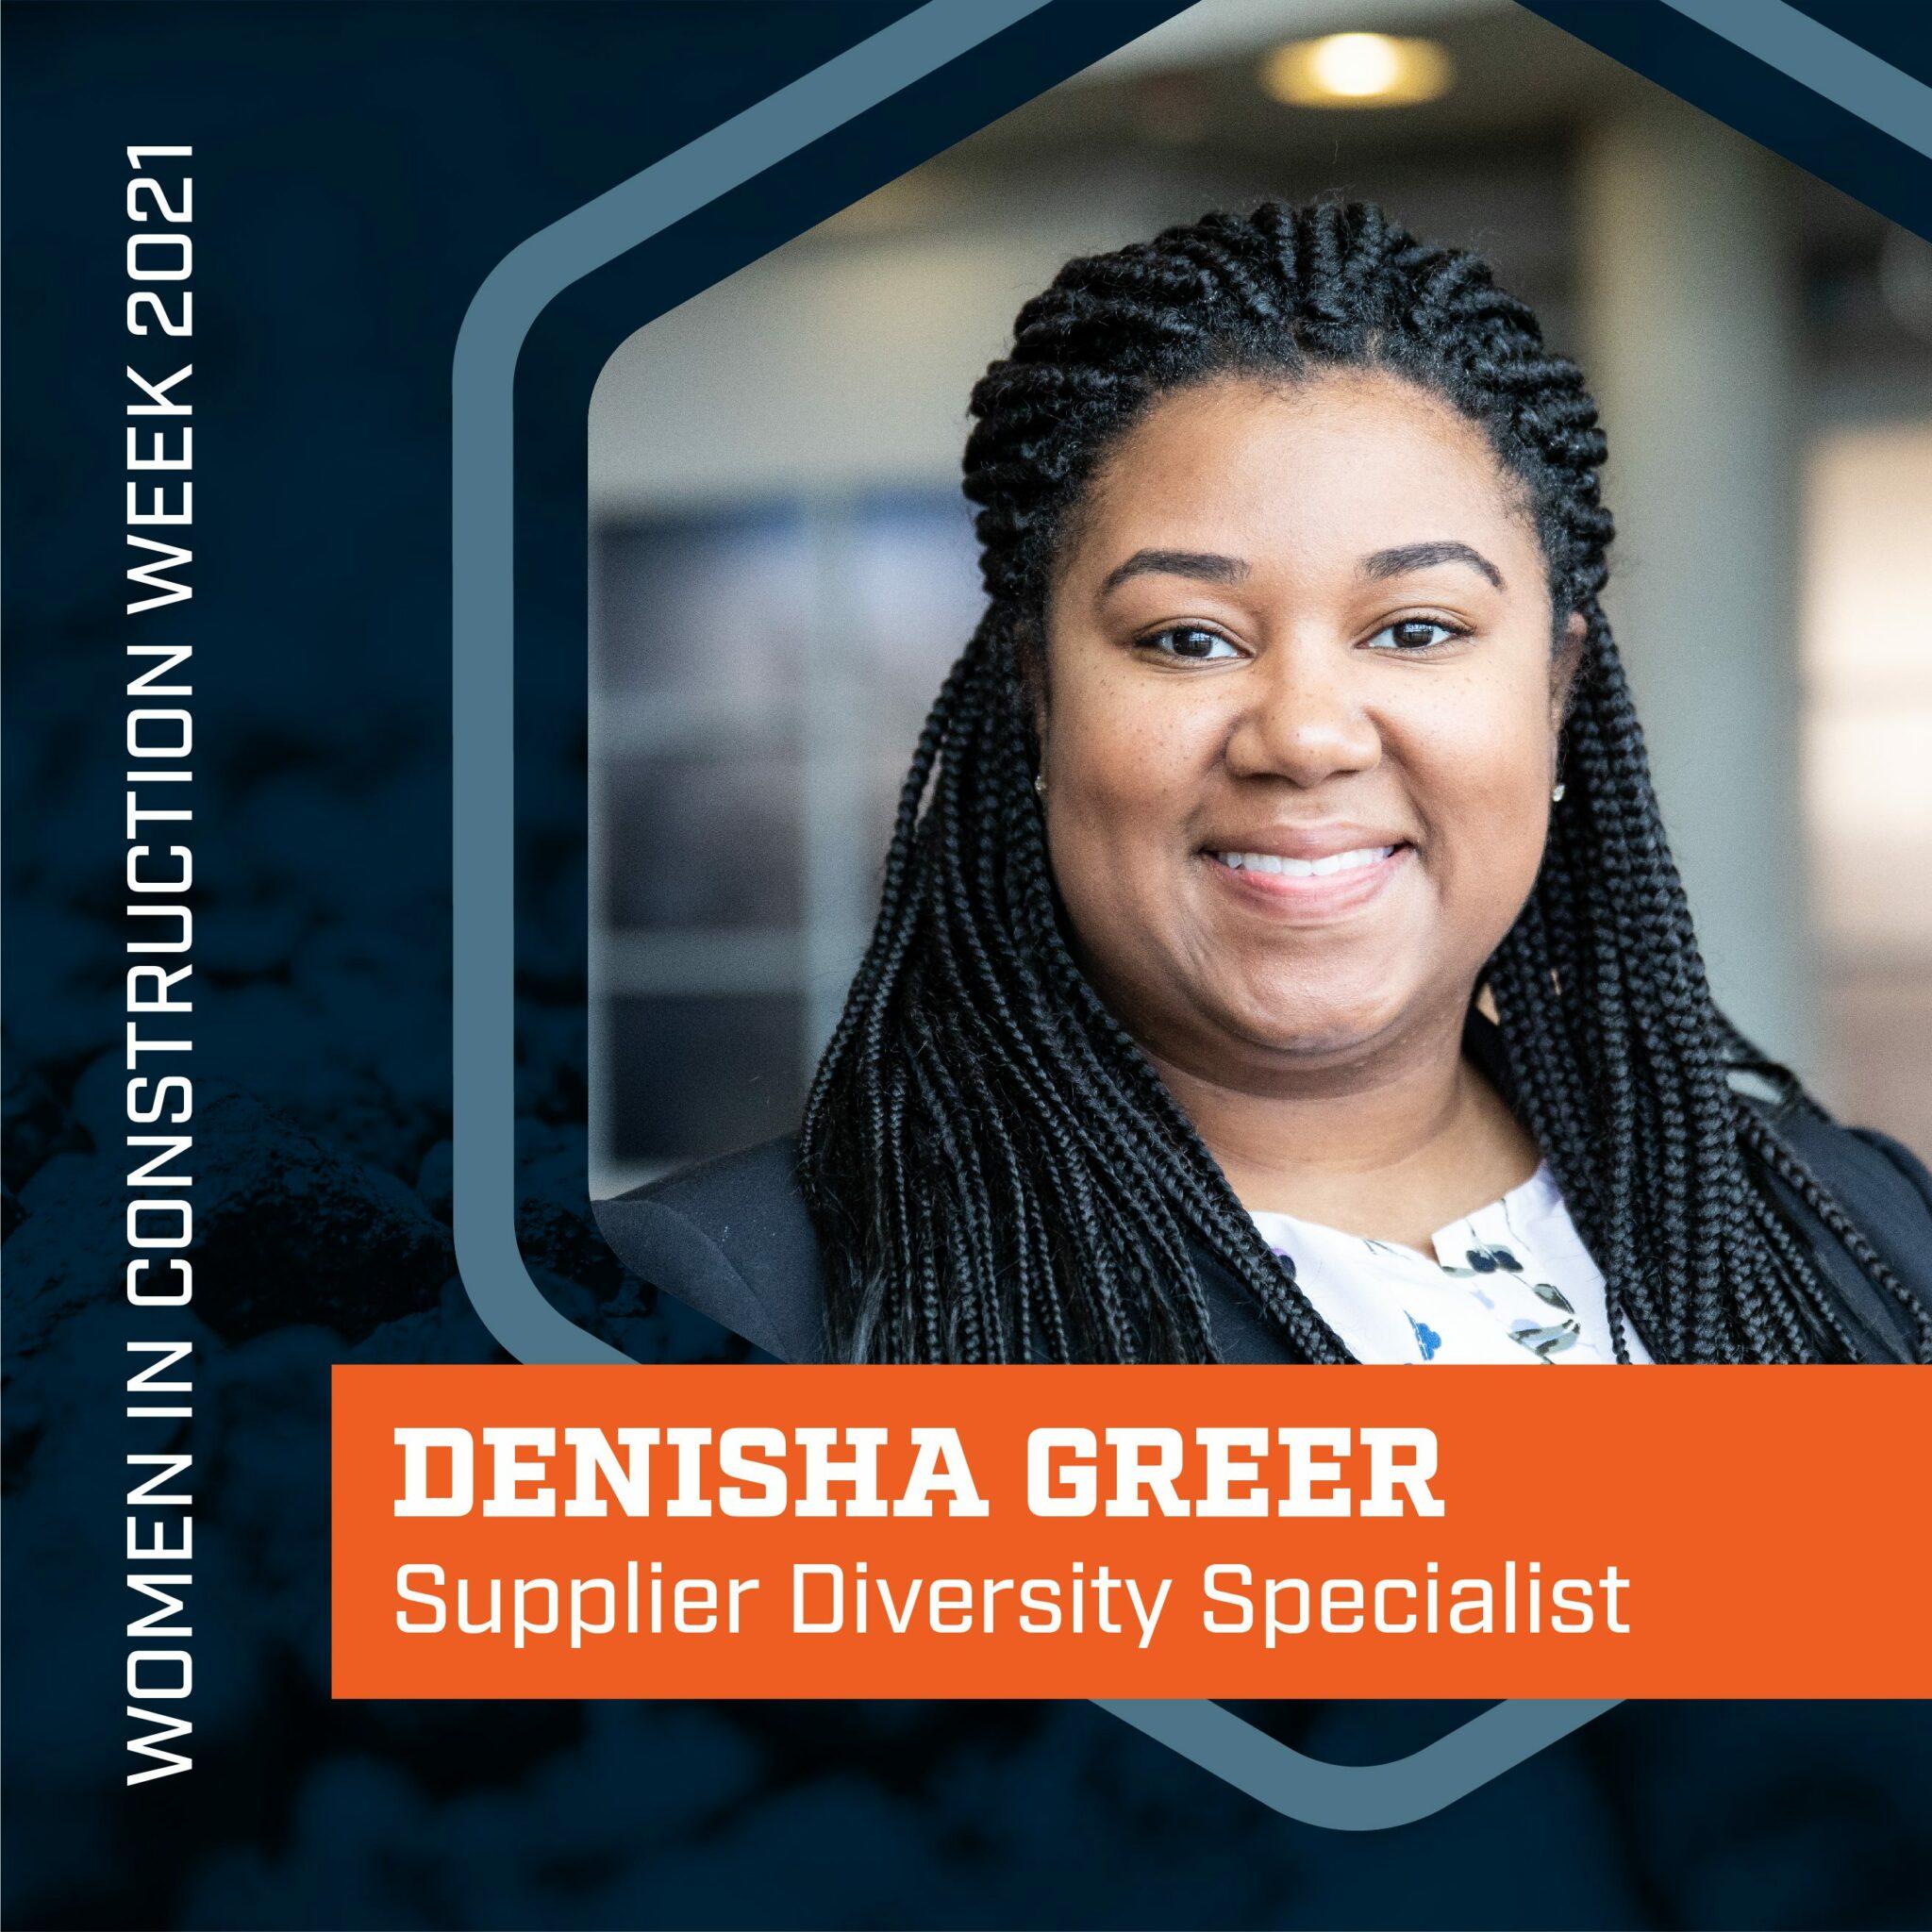 Denisha Greer WIC Week 2021